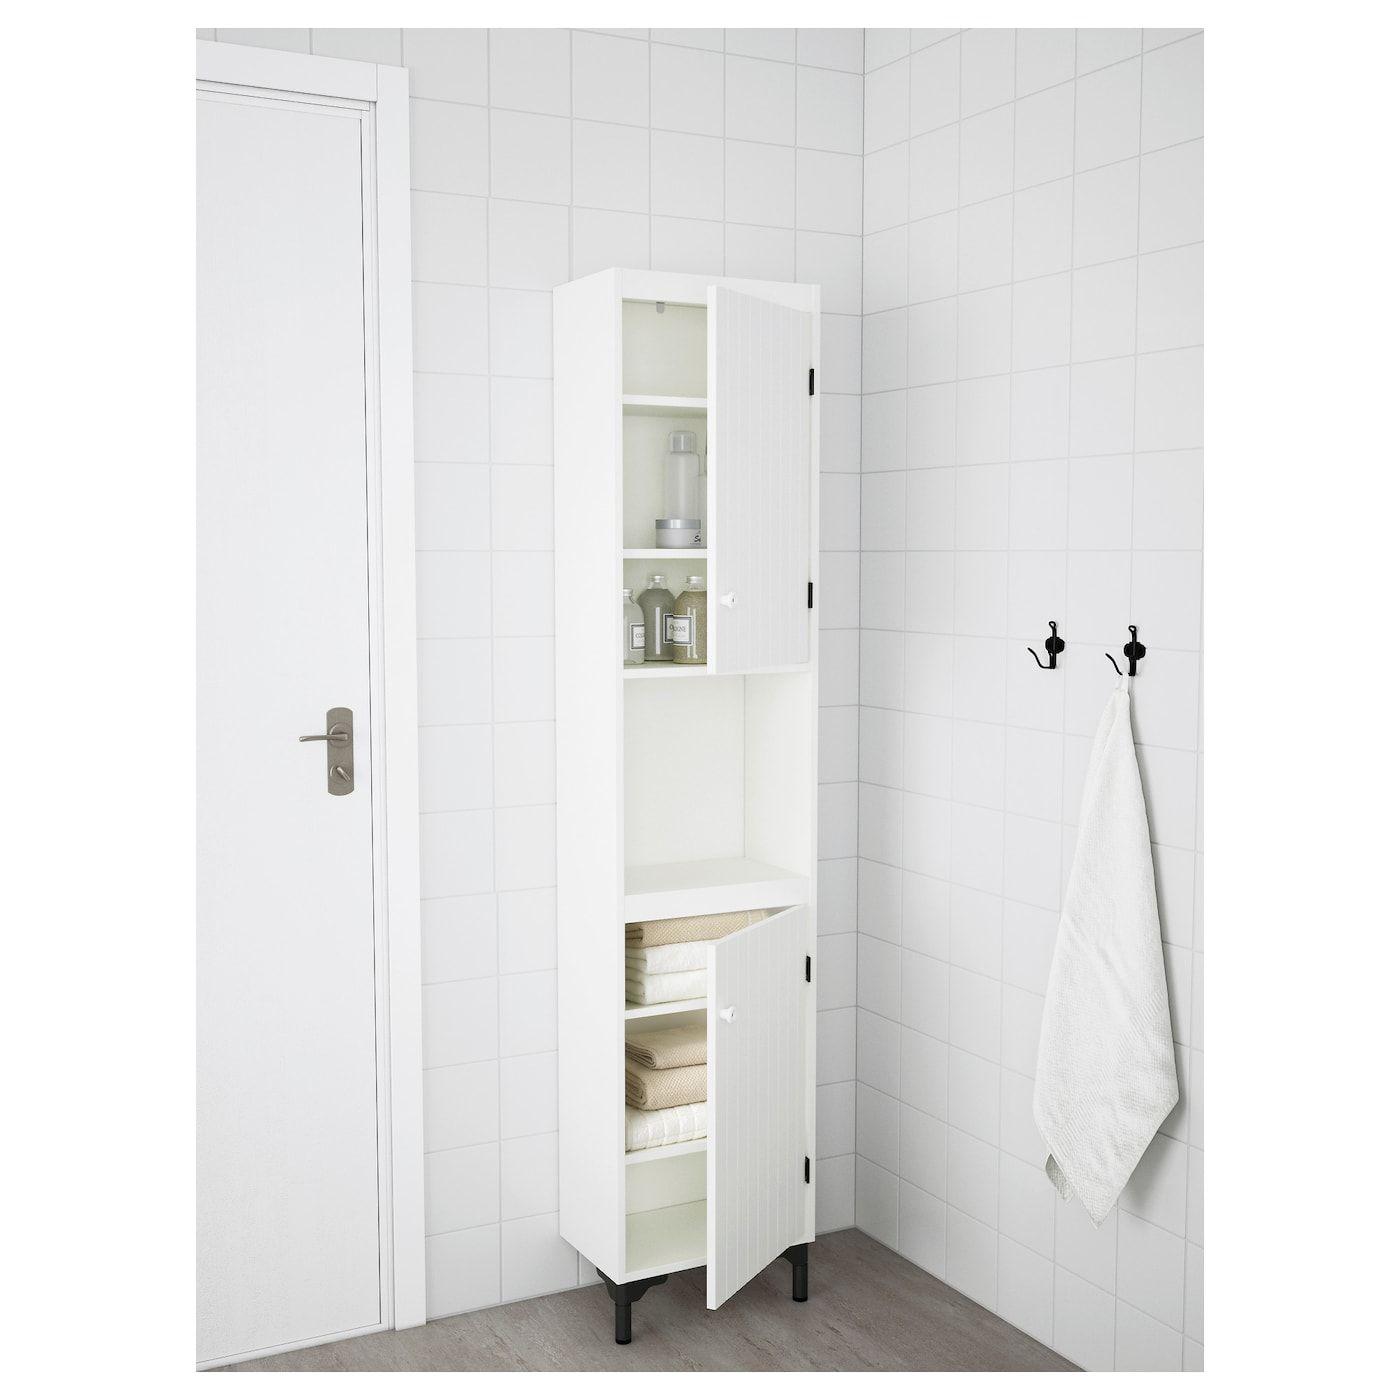 Armoire Haute De Salle De Bain ikea - silverÅn armoire haute 2 portes blanc   meuble